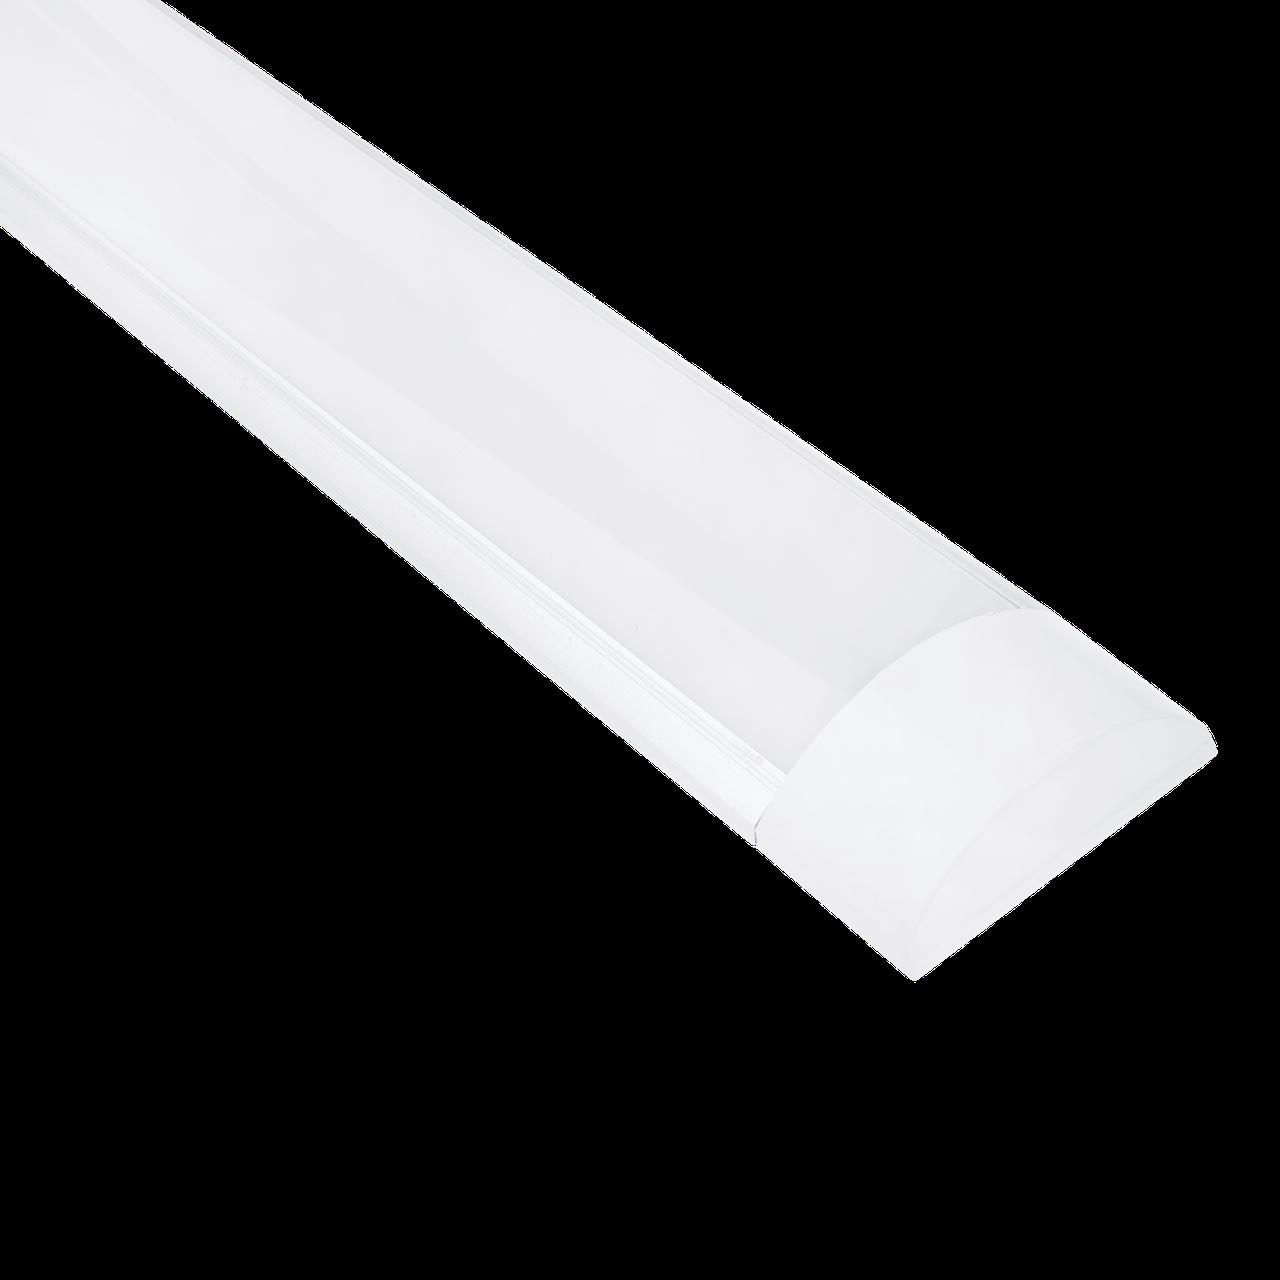 Светодиодный линейный светильник Ilumia 36Вт, 1190мм, 4000К (нейтральный белый), 3000Лм (079)